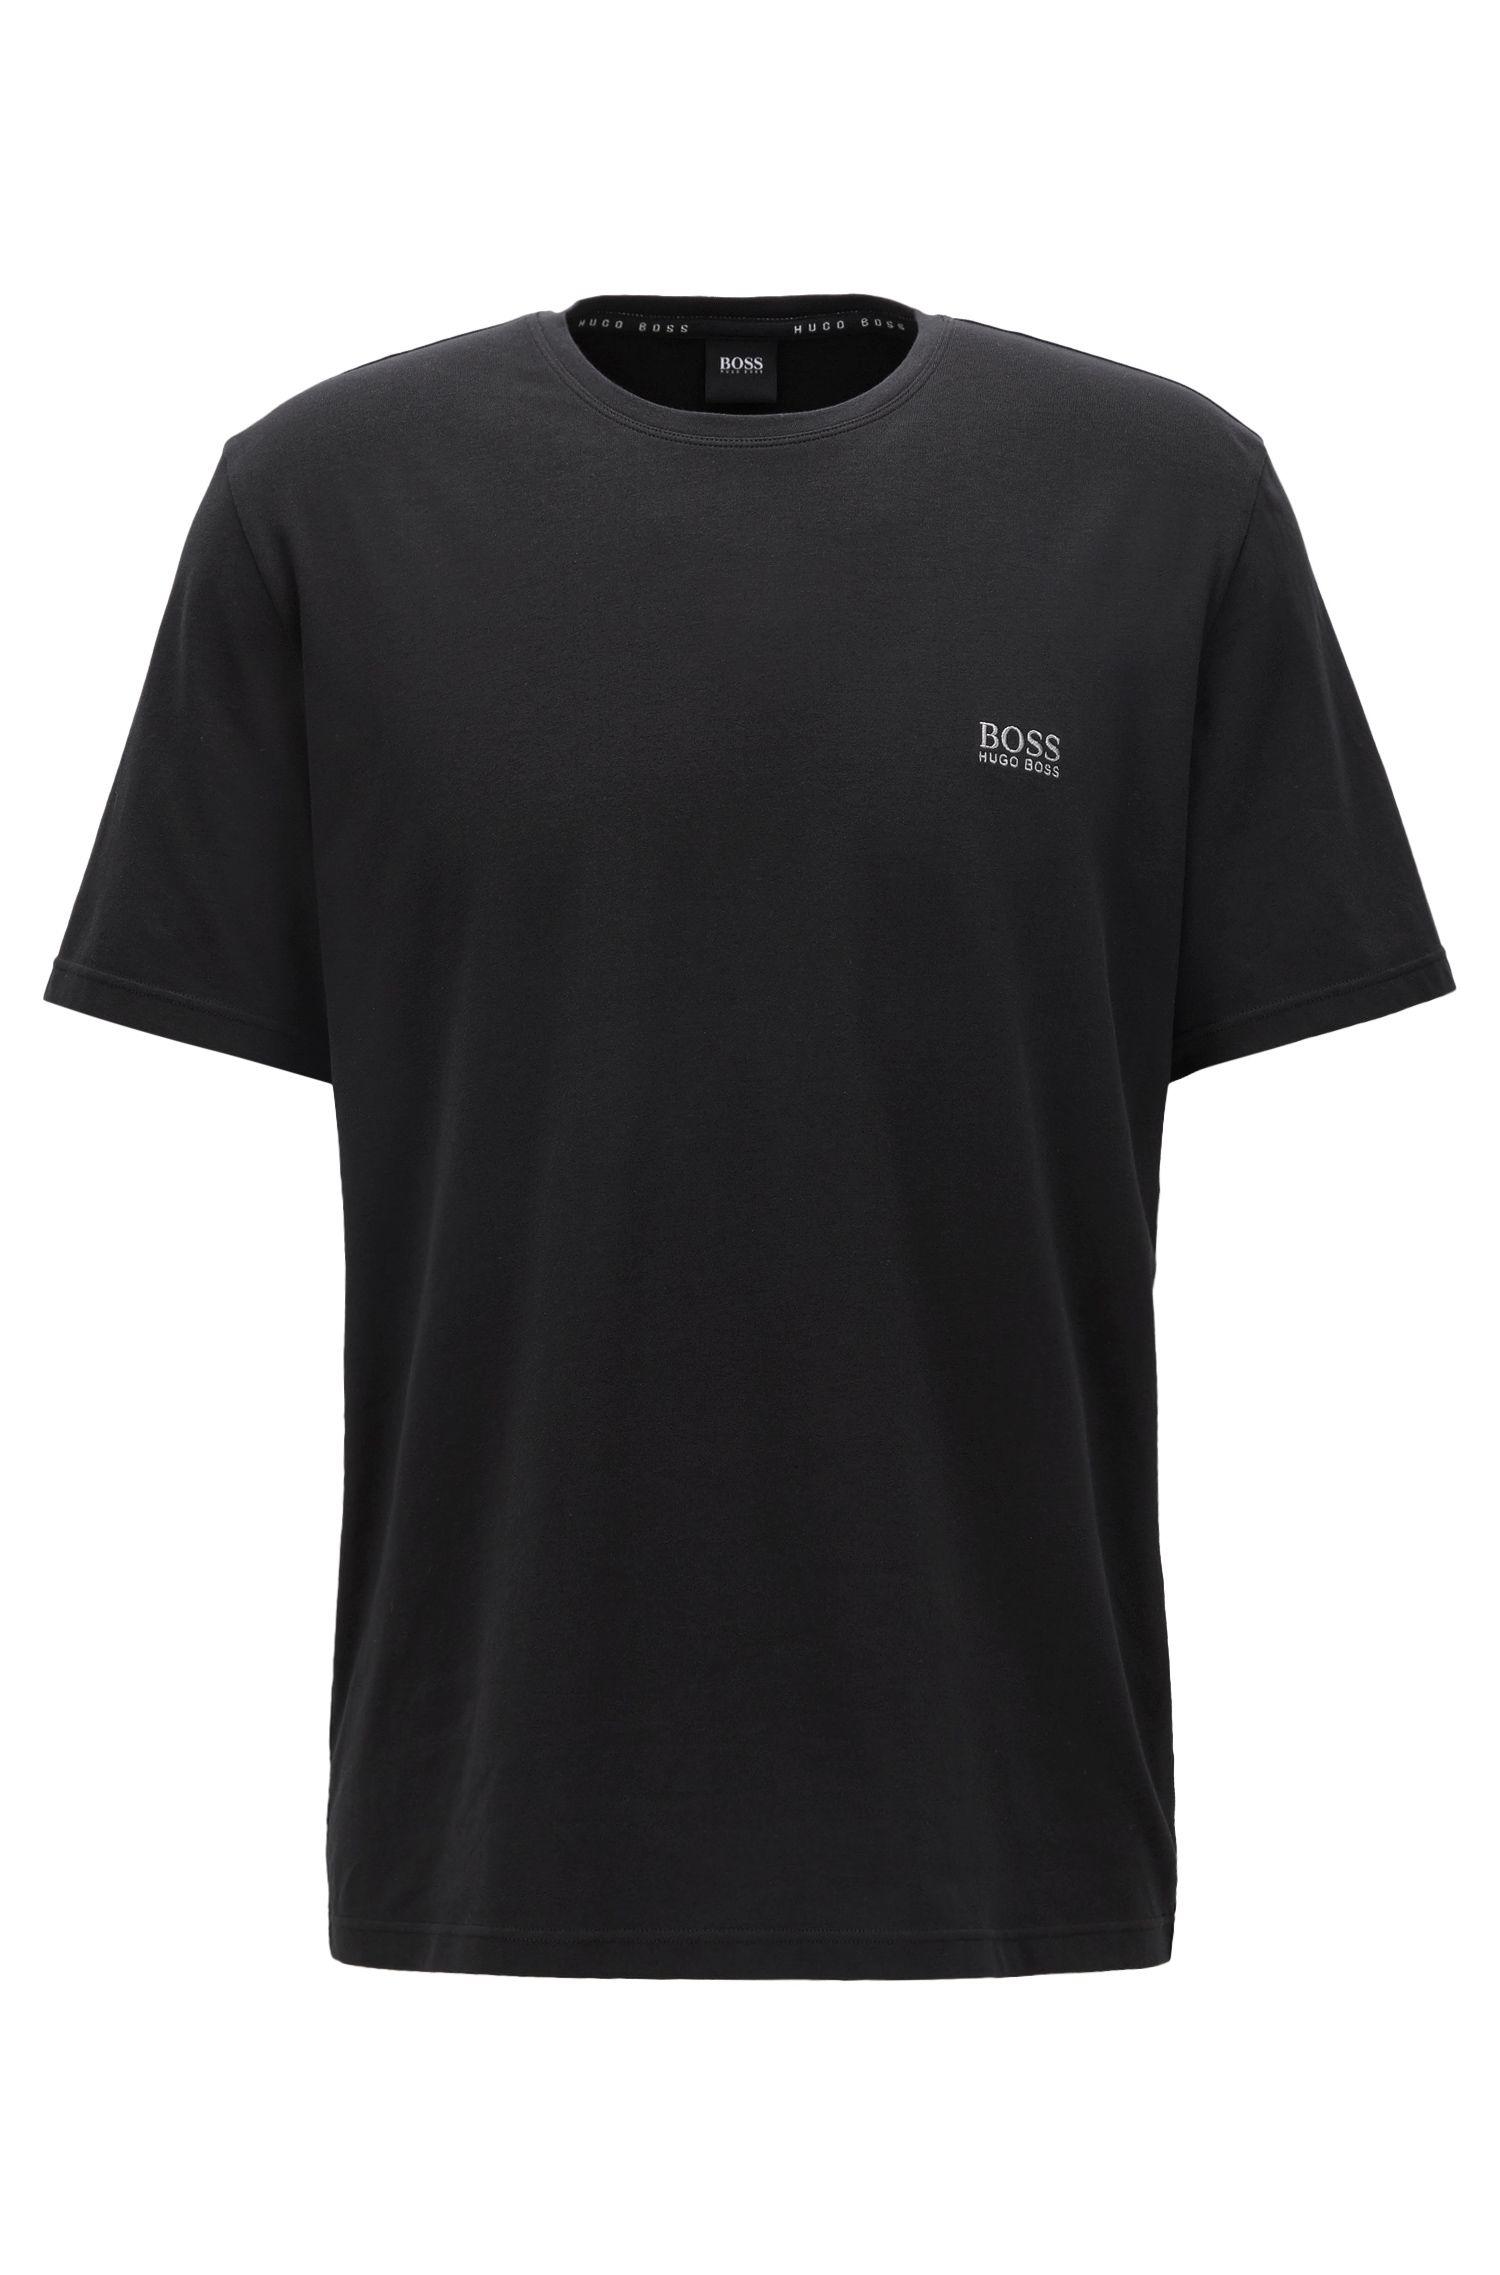 T-shirt per il tempo libero in cotone jersey singolo